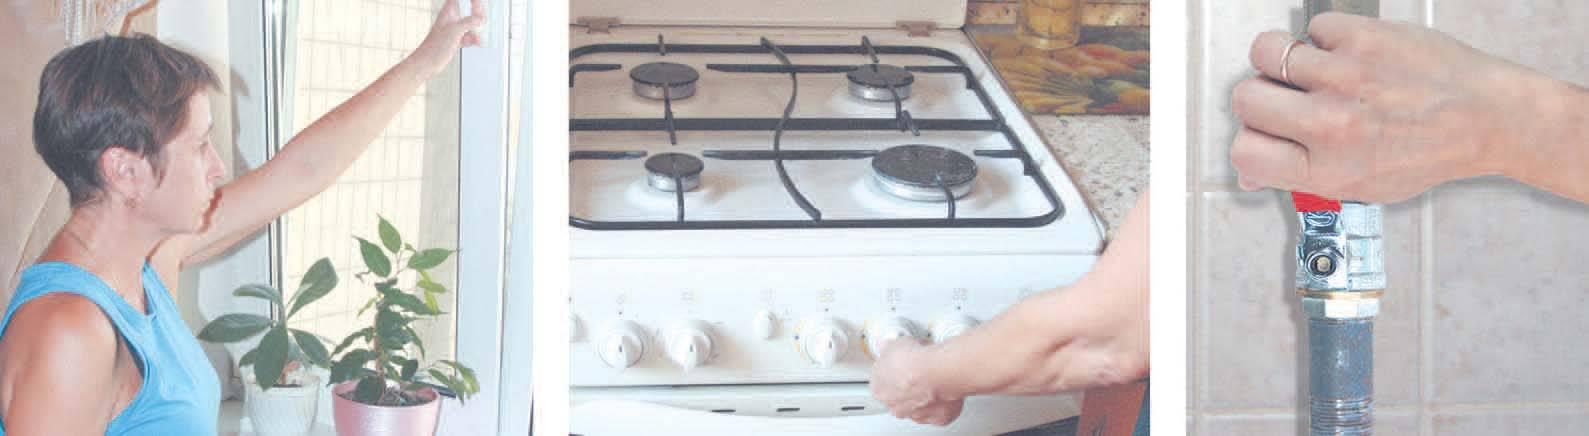 Как отключить газовую плиту на время ремонта, безопасное отключение газовой плиты